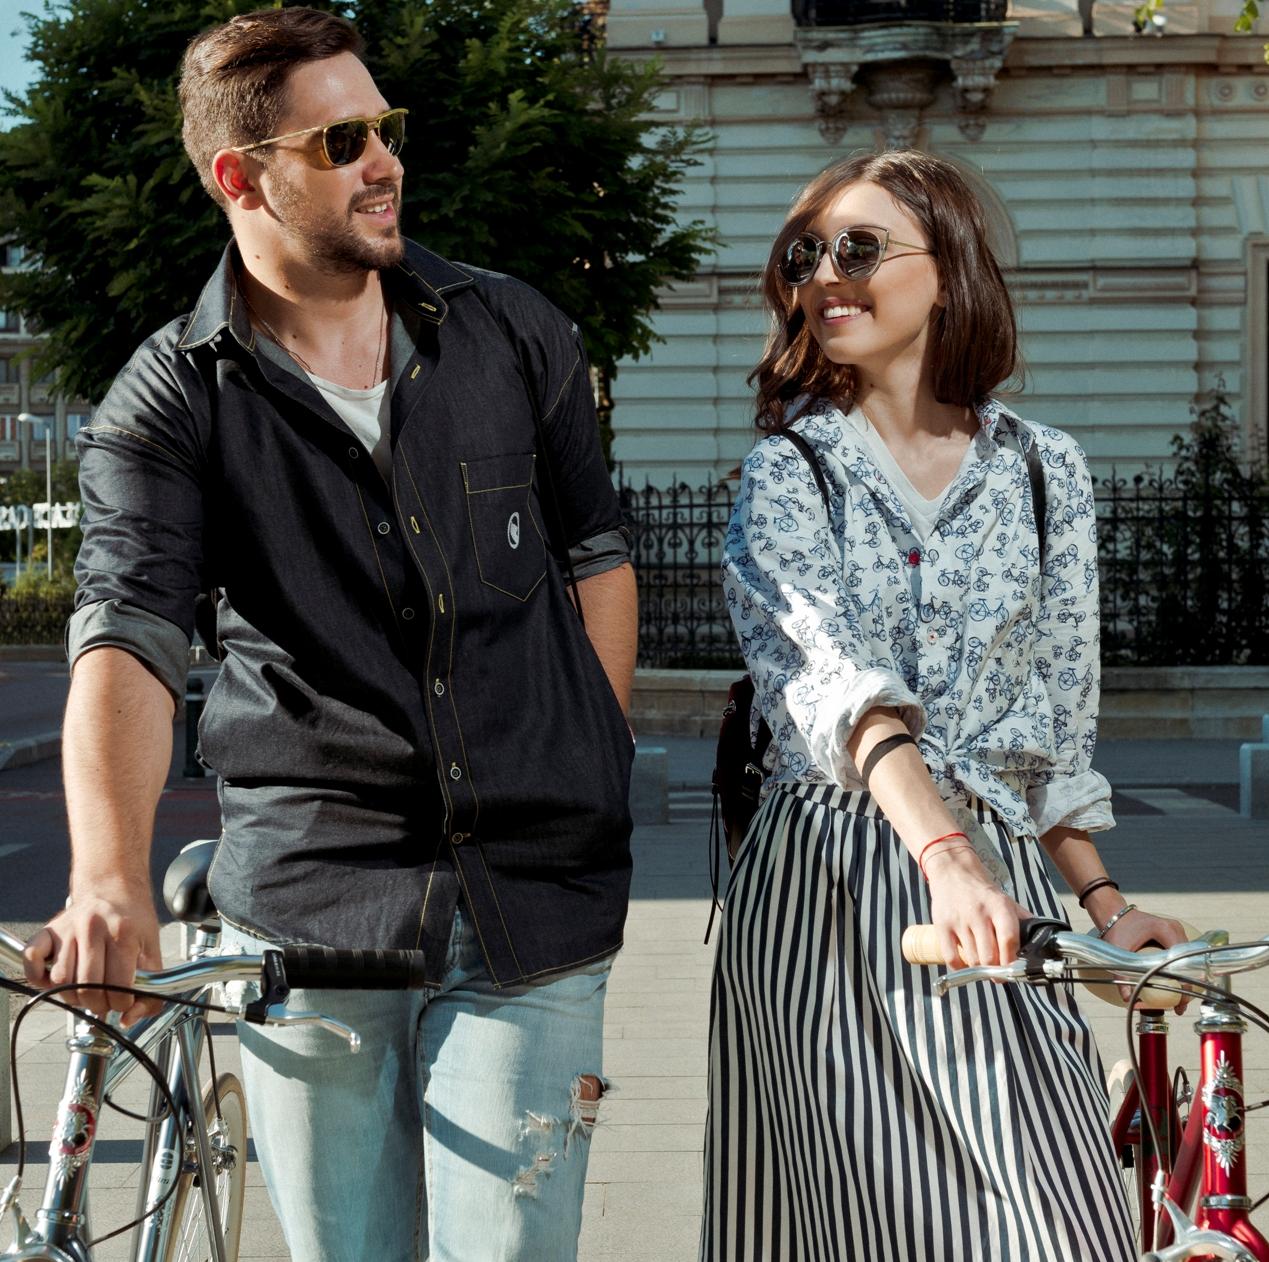 Colectie de camasi pentru biciclisti semnata Braiconf si Atelierele Pegas